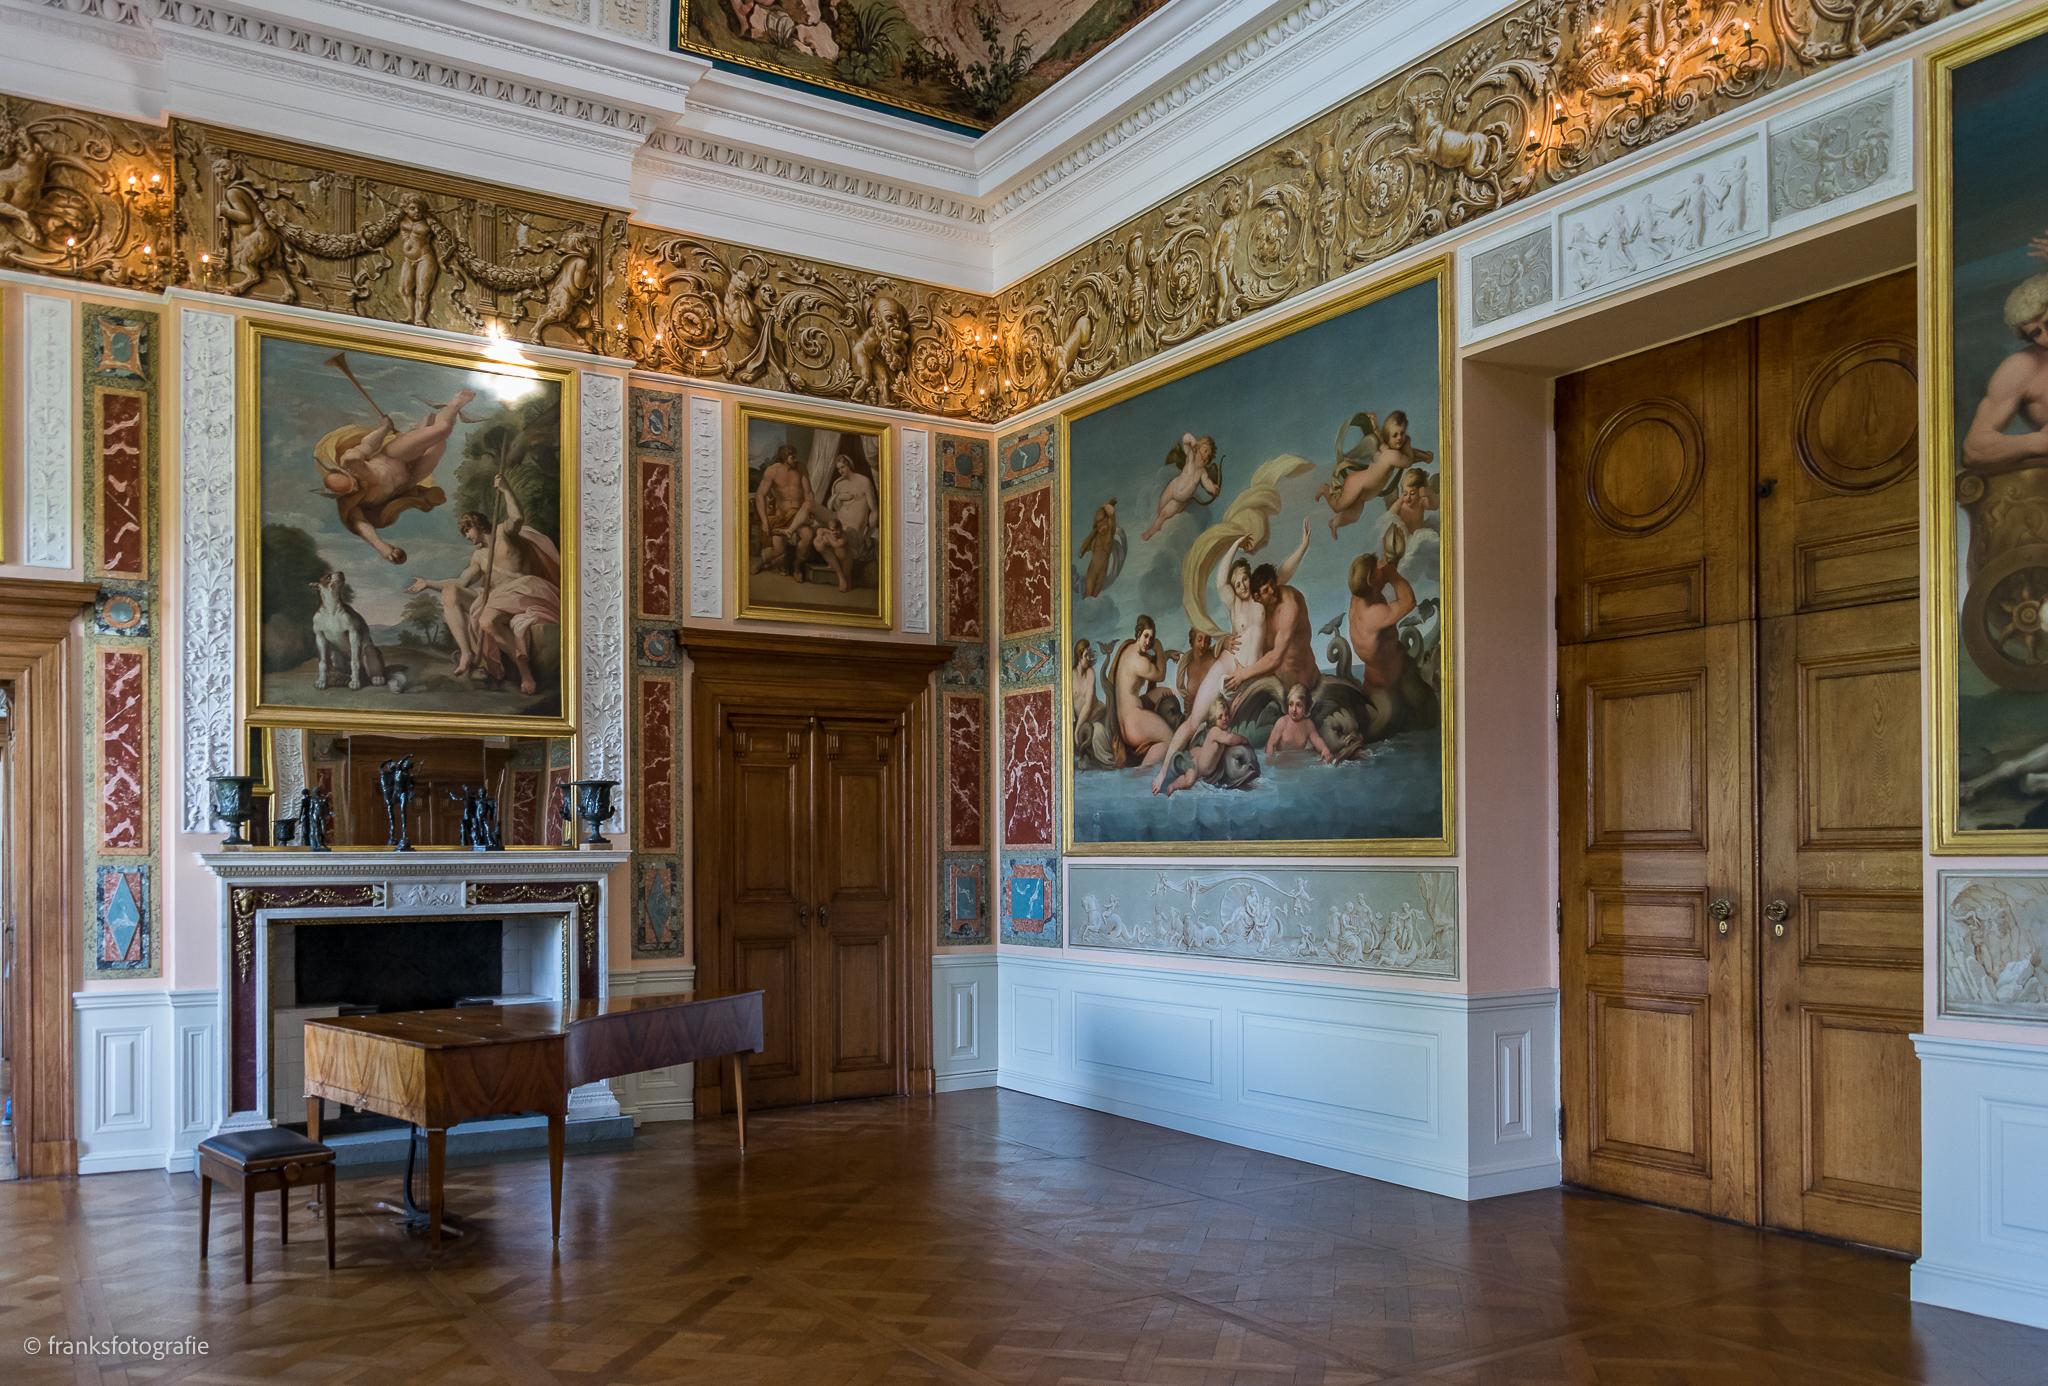 Innenräume von Schloss Wörlitz Der Festsaal